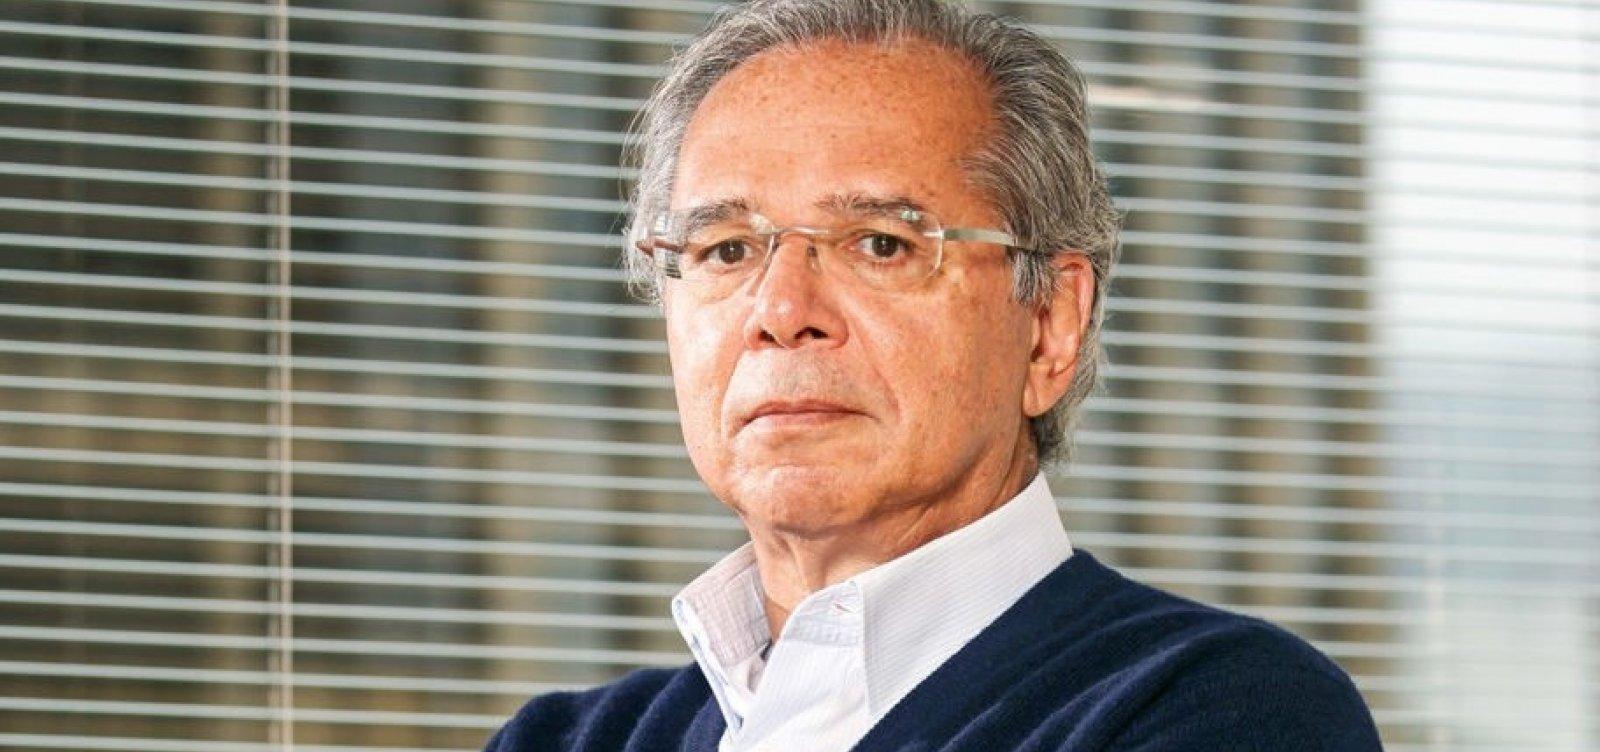 Paulo Guedes afirma a Bolsonaro que atos de domingo podem atrapalhar reforma